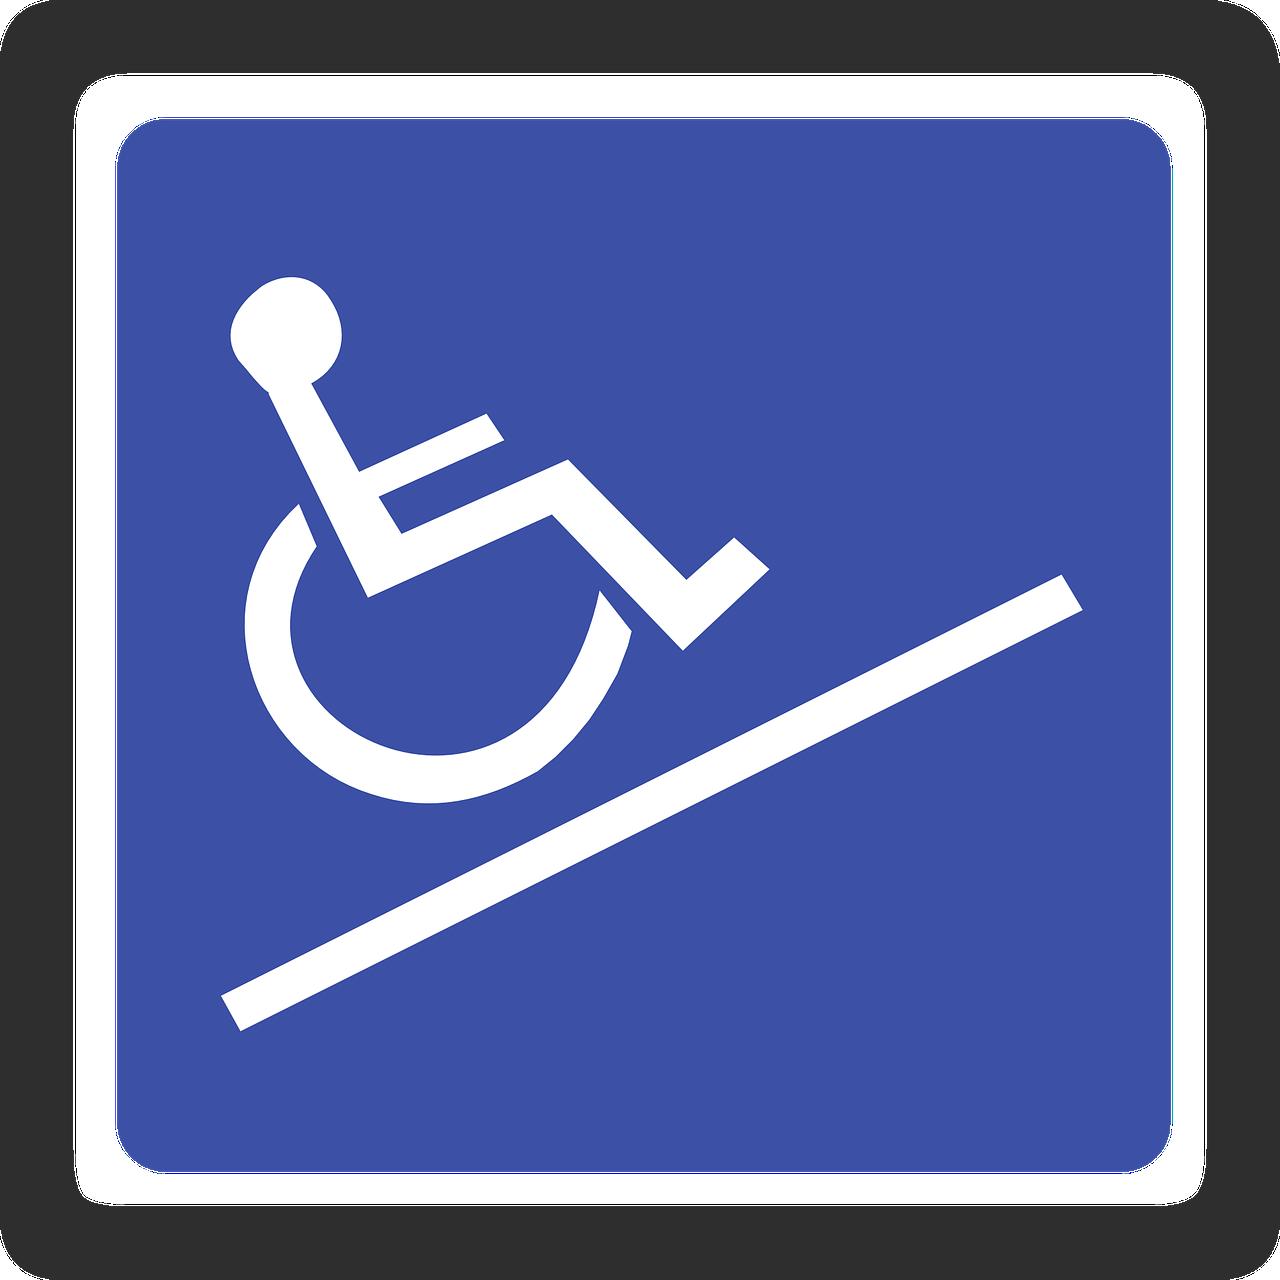 Chris Allround Care kosten instellingen gehandicaptenzorg verstandelijk gehandicapten